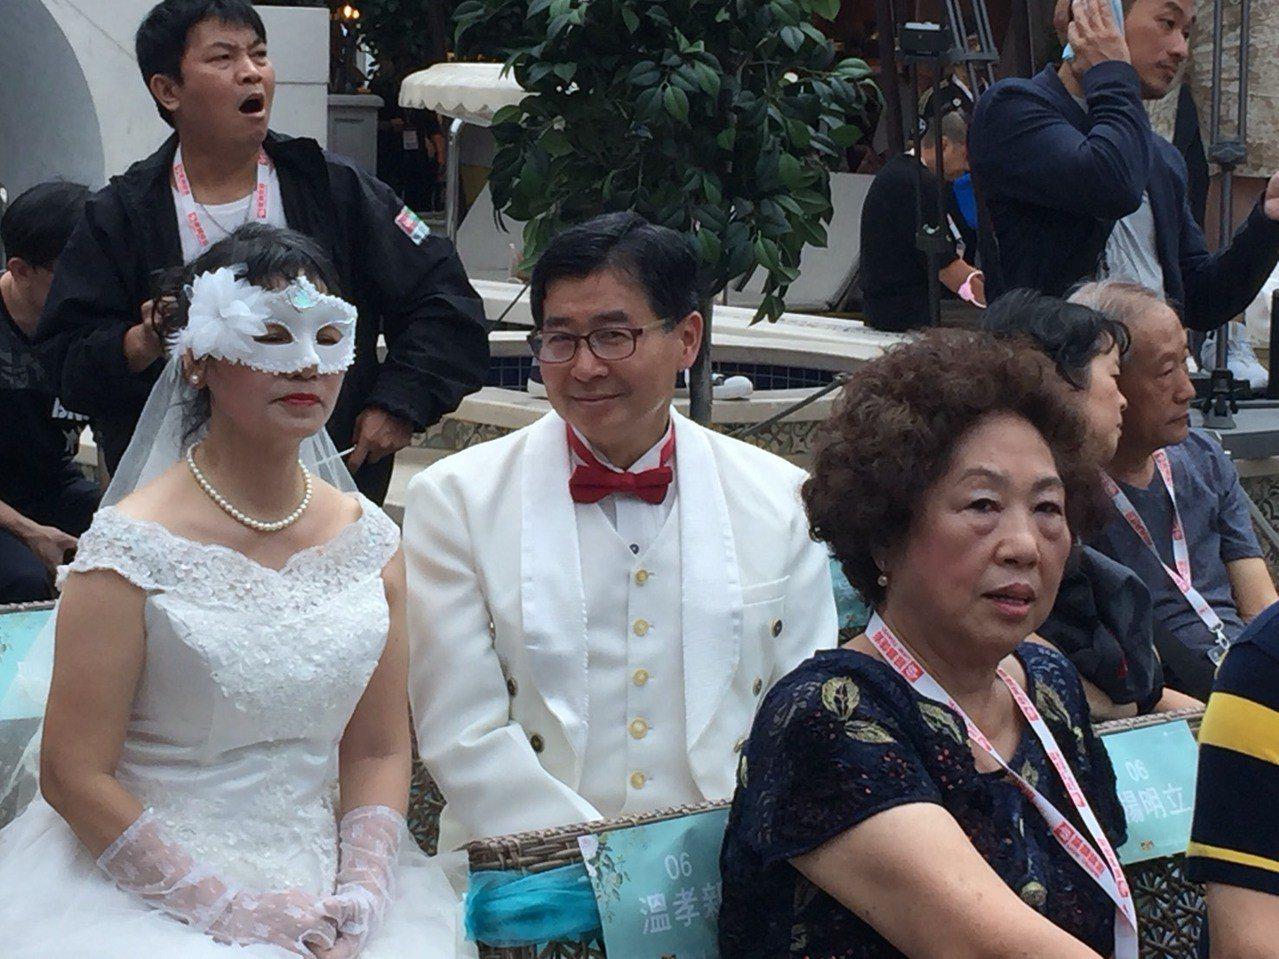 不少老夫妻盛裝、甚至重新穿上白紗出席。記者羅建怡/攝影